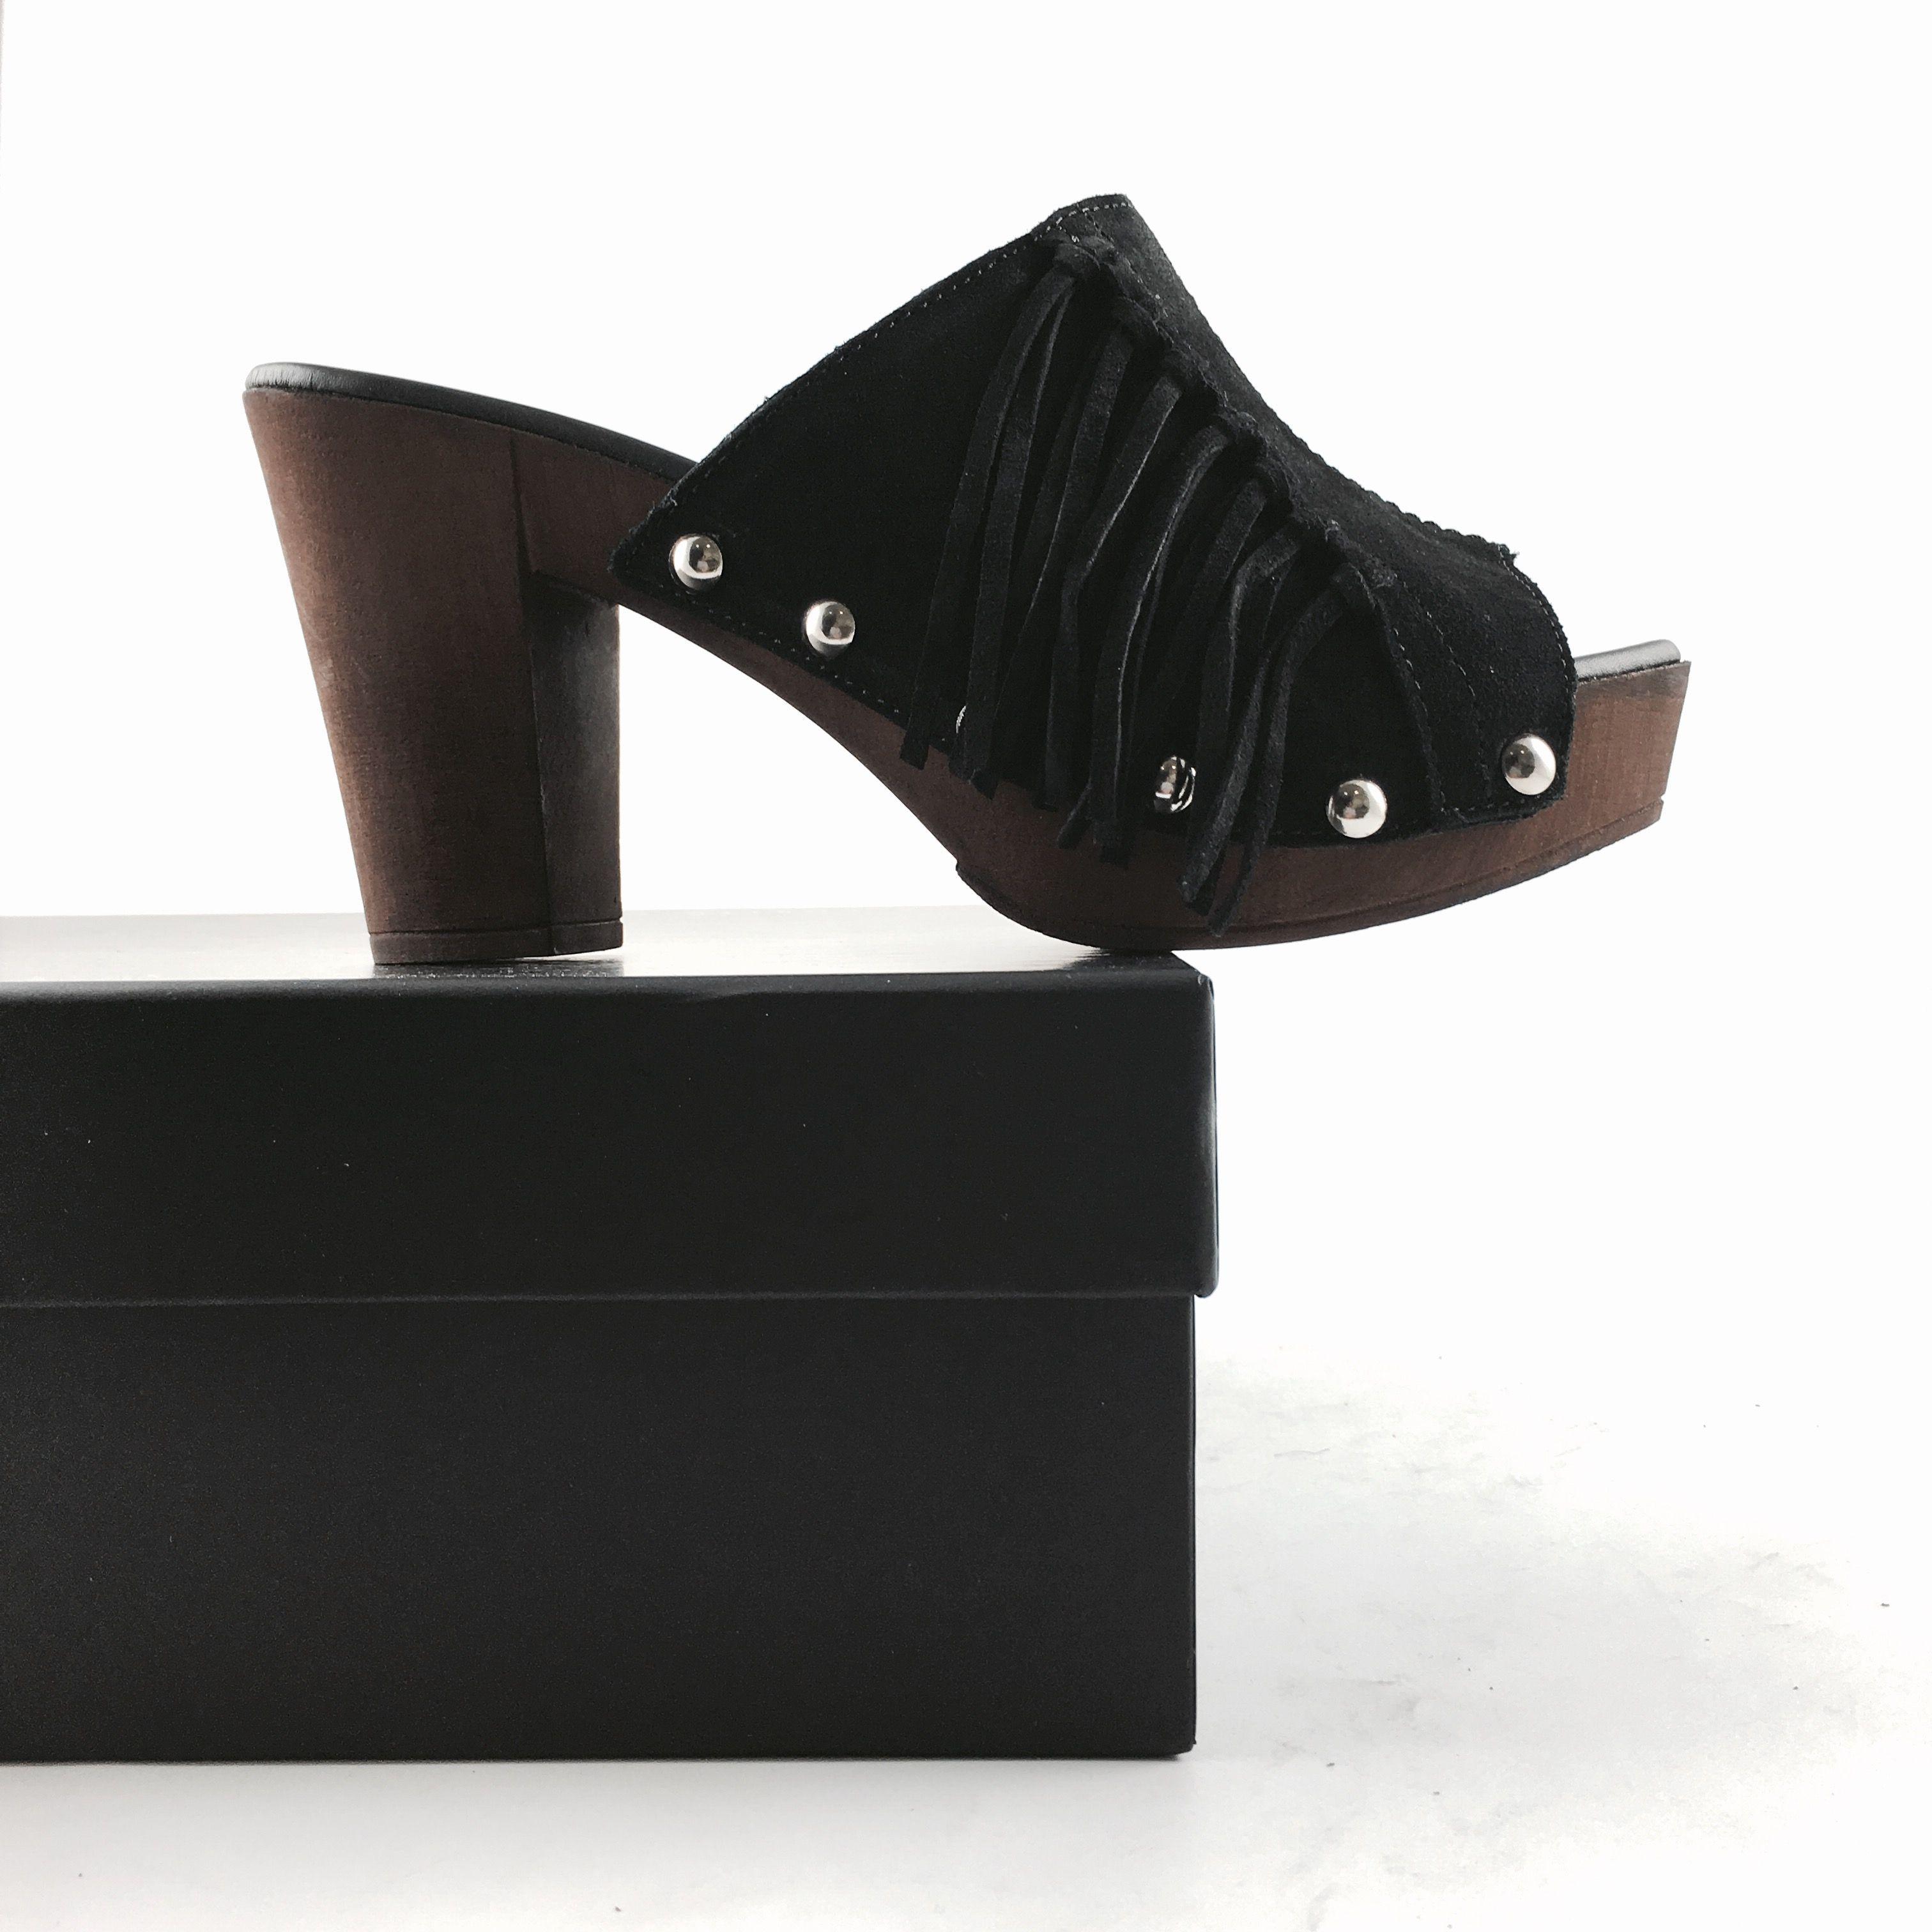 ¡Clásico y actual! Así son los nuevos #zuecos con tacón y flecos de Alpe Woman Shoes.